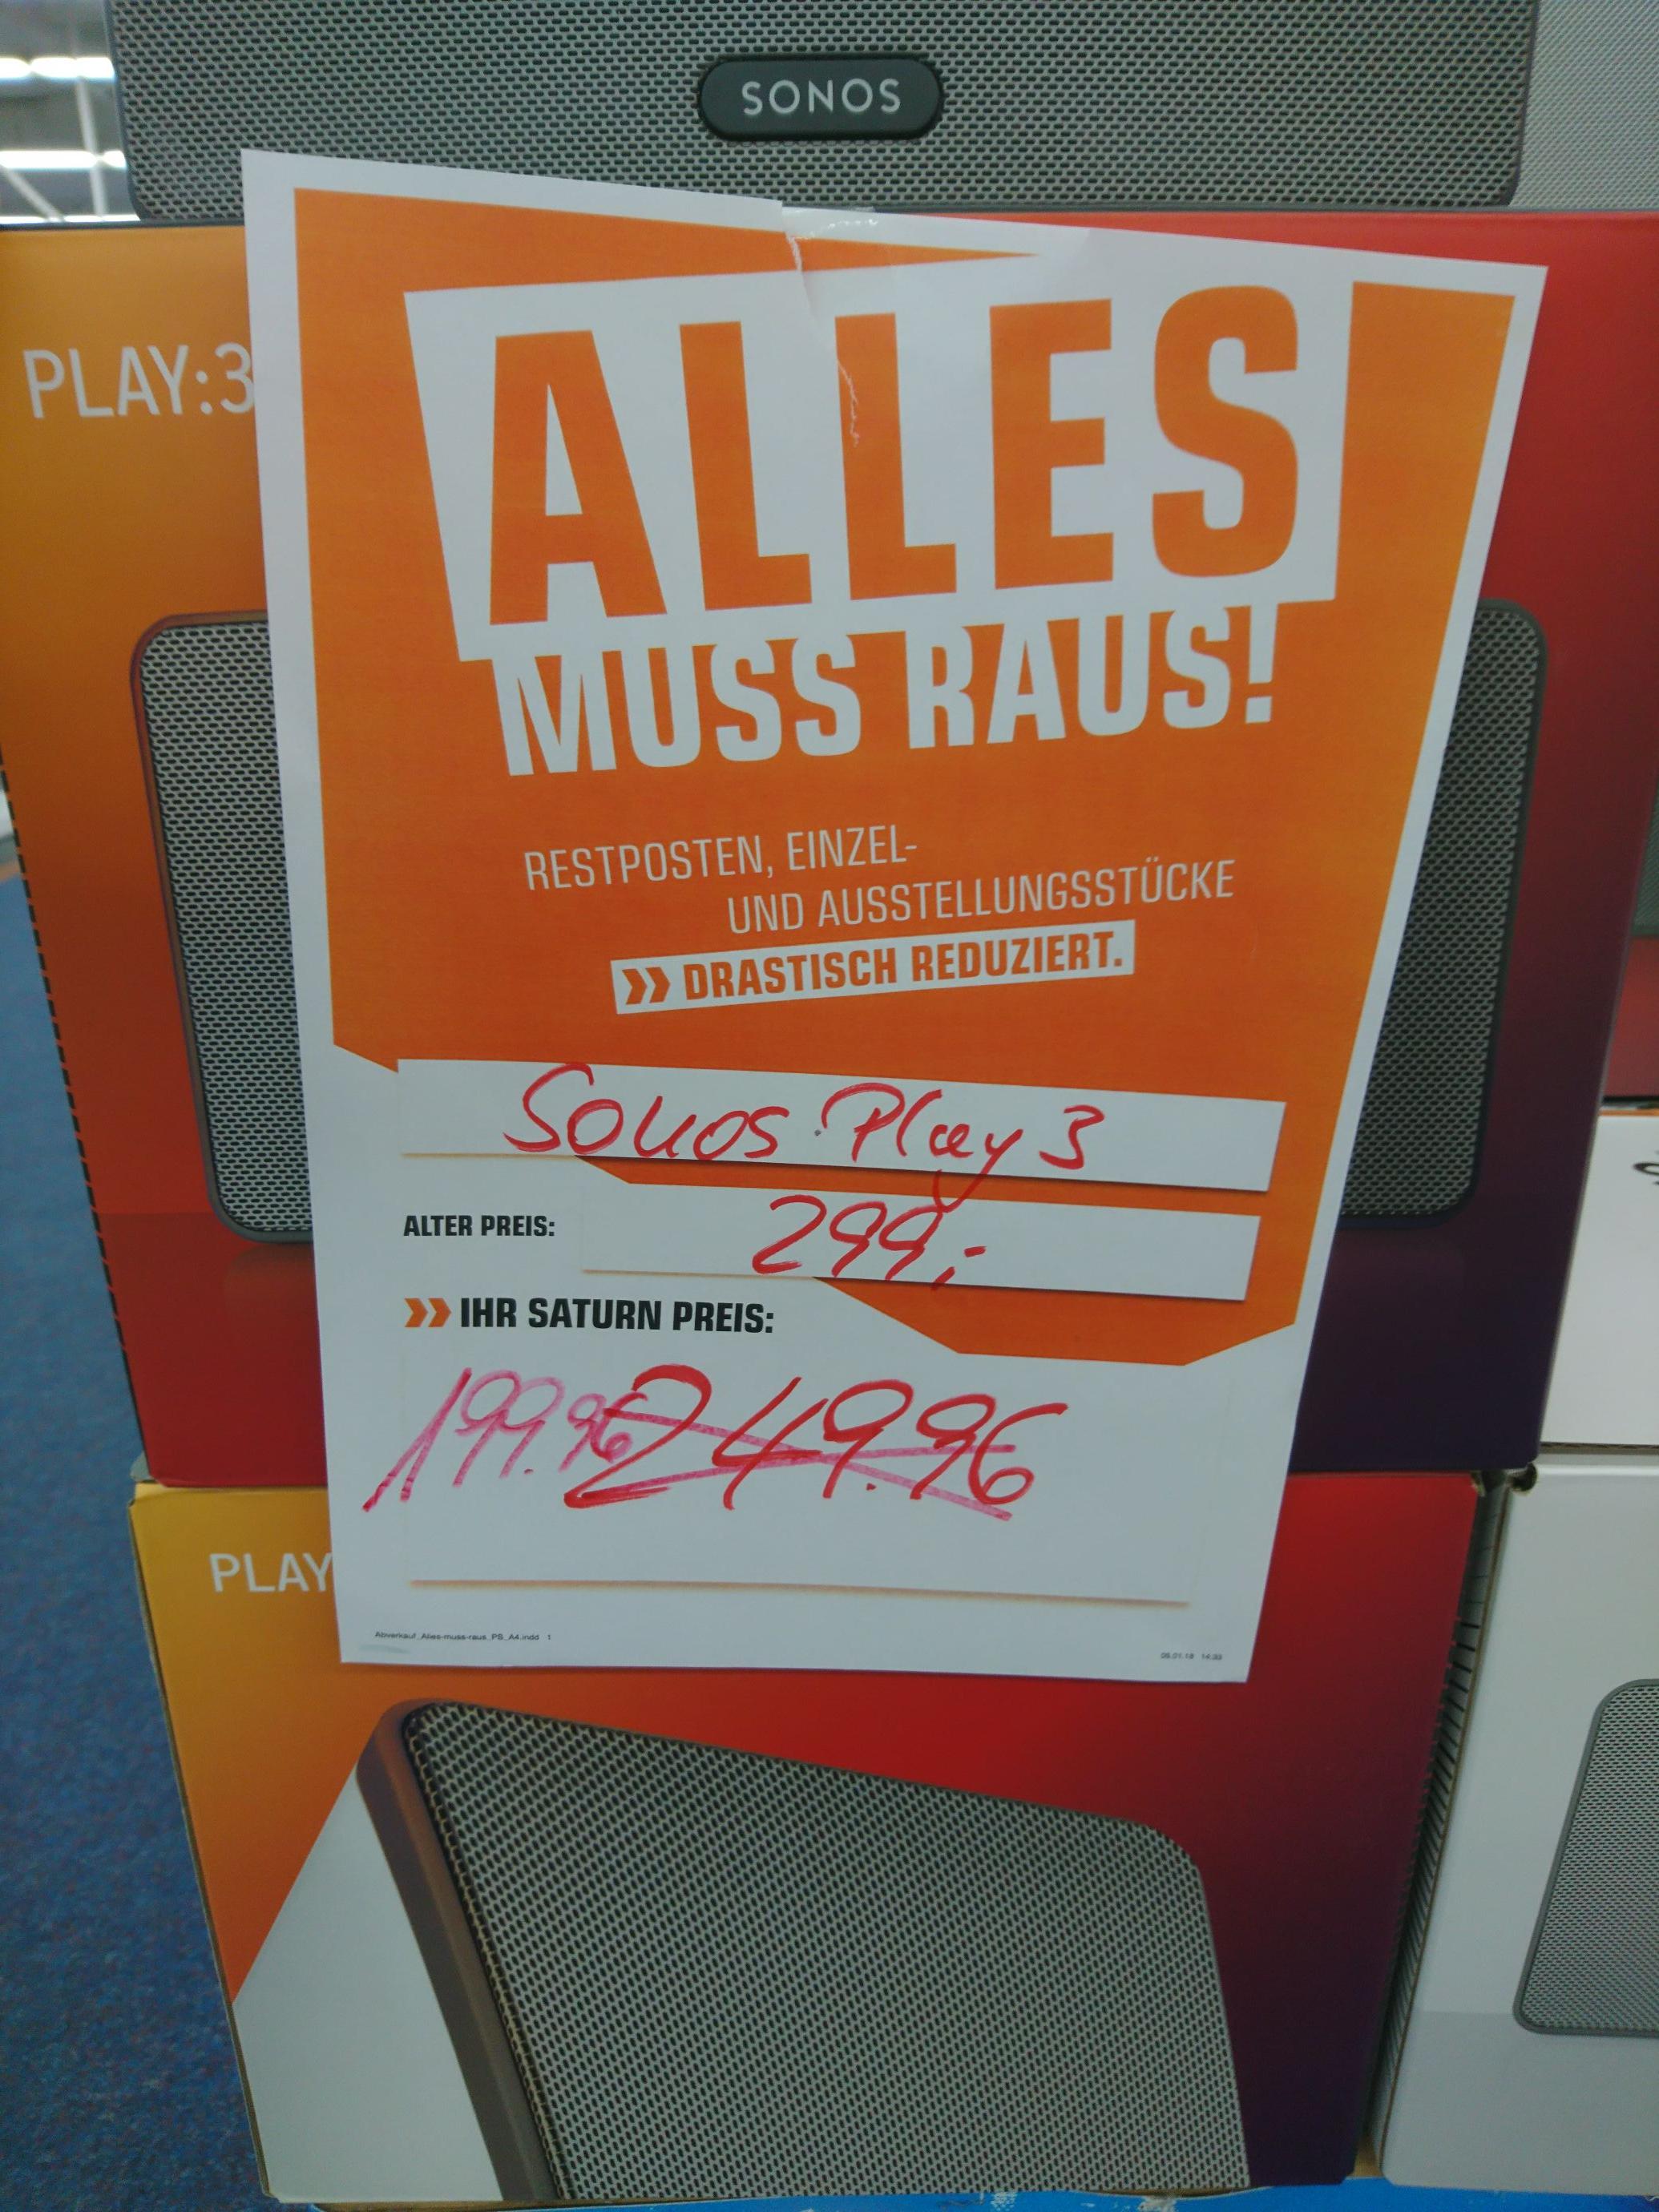 Lokal Moers Saturn: Sonos Play 3 s+w